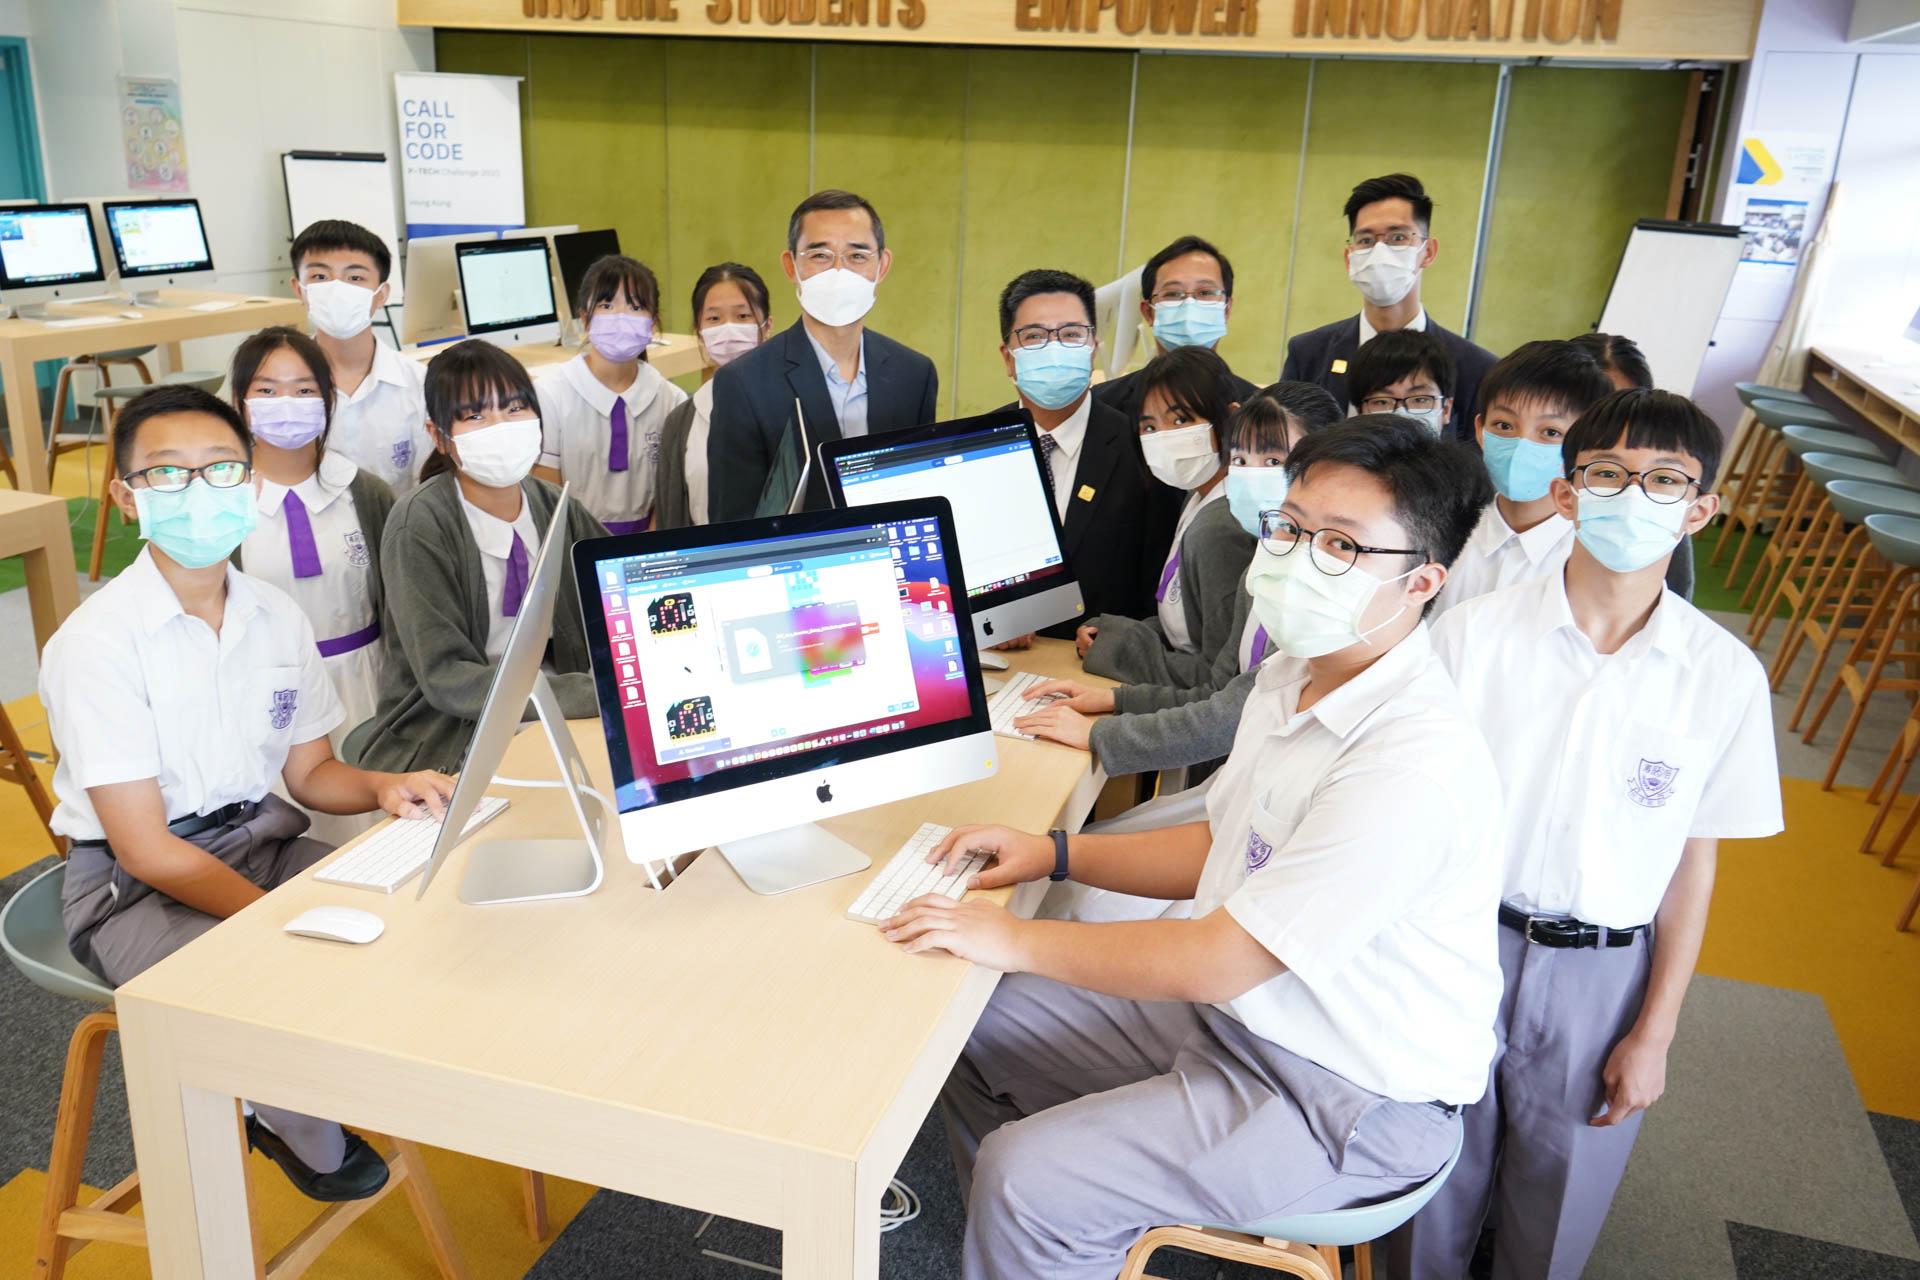 頭條日報及香港經濟日報報導本校發展人工智能中課程